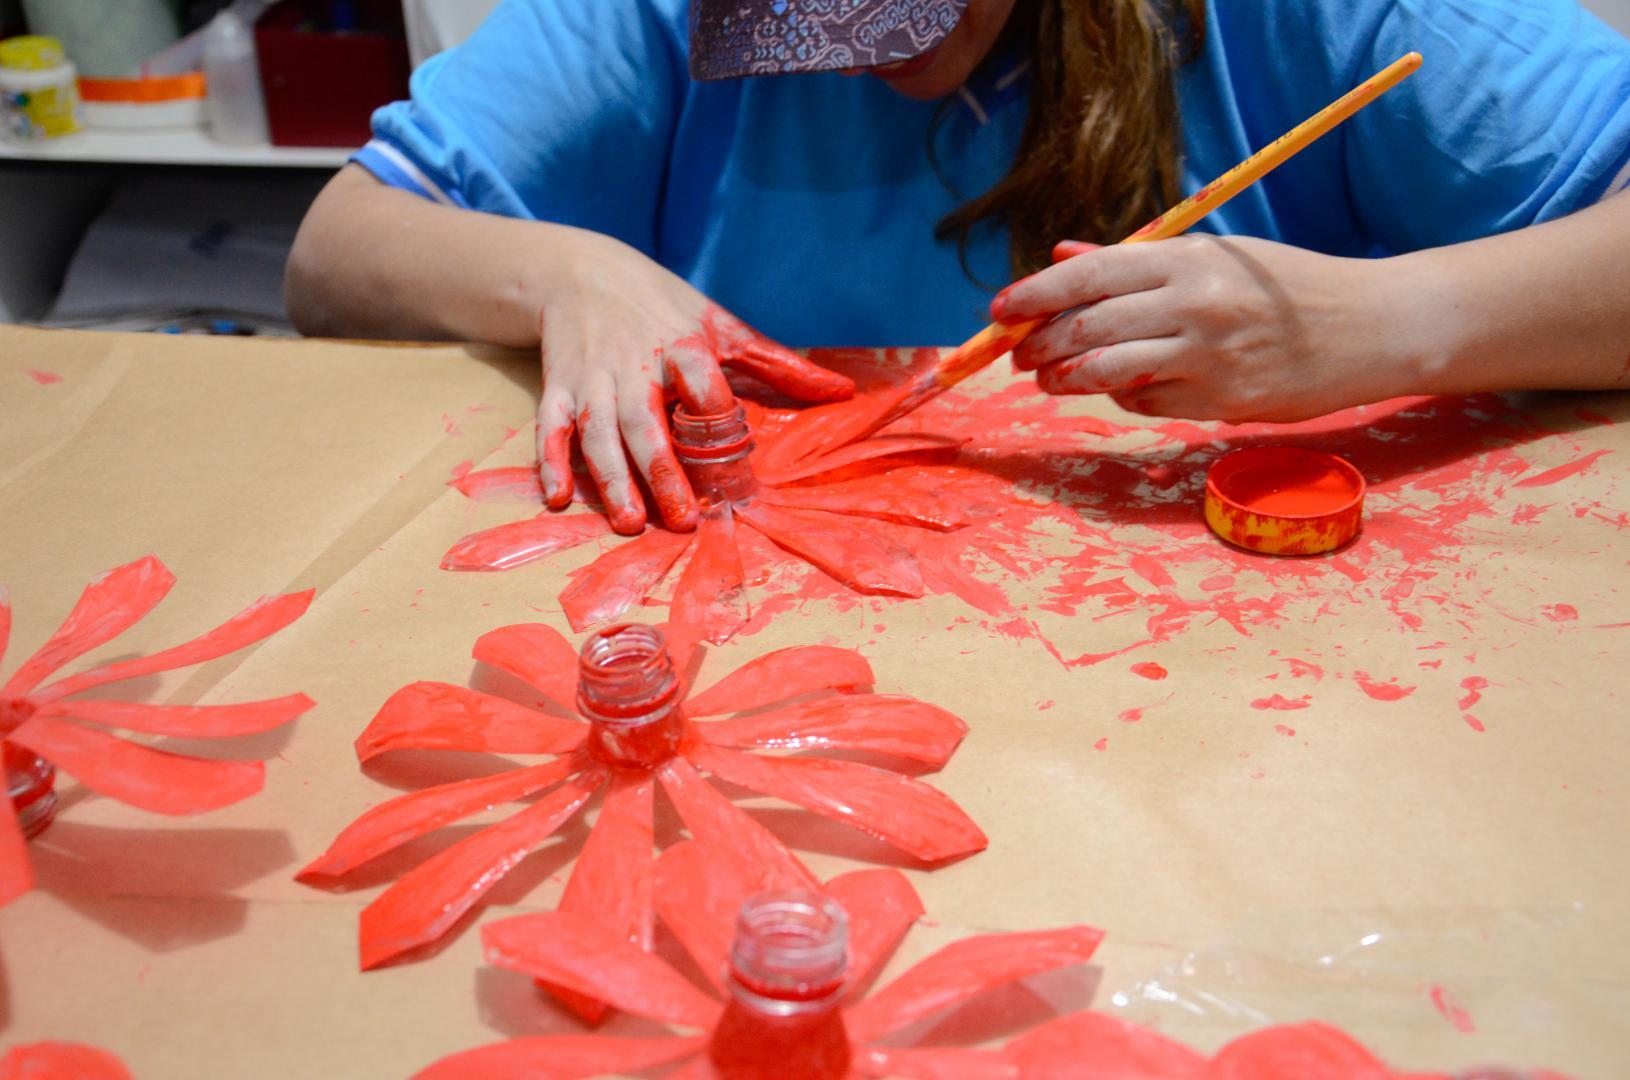 a imagem mostra as mãos de uma aluna pintando de vermelho garrafas pet cortadas em formato de flores. Ela está sentada a uma mesa coberta com papelão marrom. Tem as mãos sujas de tinta. A mão direita está sobre a mesa, com o dedo indicador dentro de um pequeno pote de tinta. A mão esquerda segura um pincel sobre uma das pétalas. À frente da estudante há três flores já pintadas de vermelho.a imagem mostra as mãos de um aluno apertando um jogo de pinos coloridos e com tamanhos diferentes.a imagem mostra as mãos de uma aluna pintando de vermelho garrafas pet cortadas em formato de flores. Ela está sentada a uma mesa coberta com papelão marrom. Tem as mãos sujas de tinta. A mão direita está sobre a mesa, com o dedo indicador dentro de um pequeno pote de tinta. A mão esquerda segura um pincel sobre uma das pétalas. À frente da estudante há três flores já pintadas de vermelho.